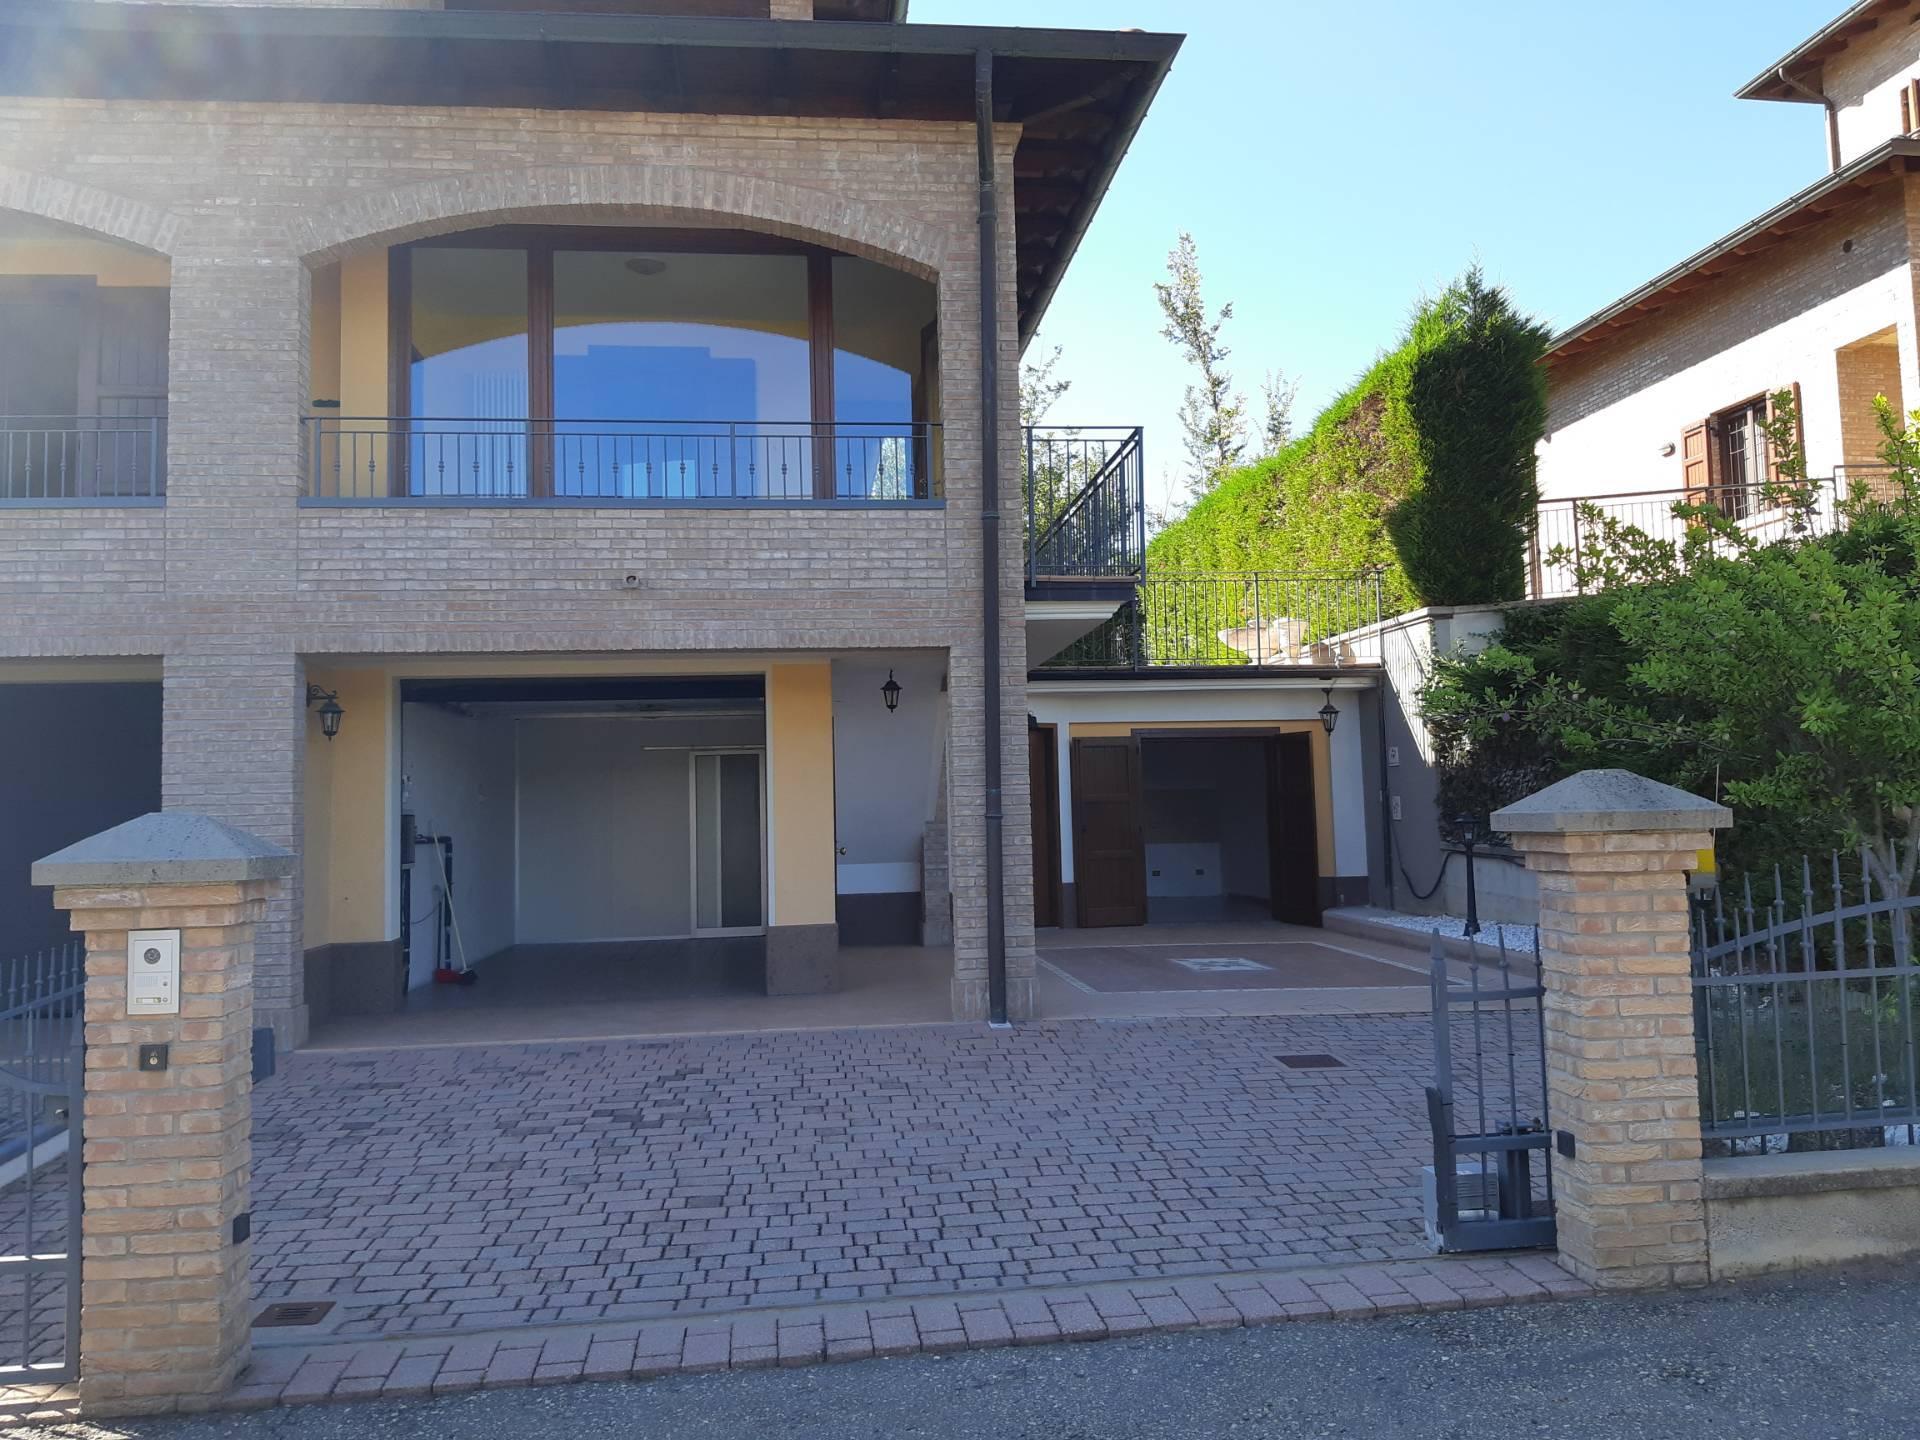 Appartamento in vendita a Pavullo nel Frignano, 4 locali, zona Località: Piscine, prezzo € 310.000 | PortaleAgenzieImmobiliari.it